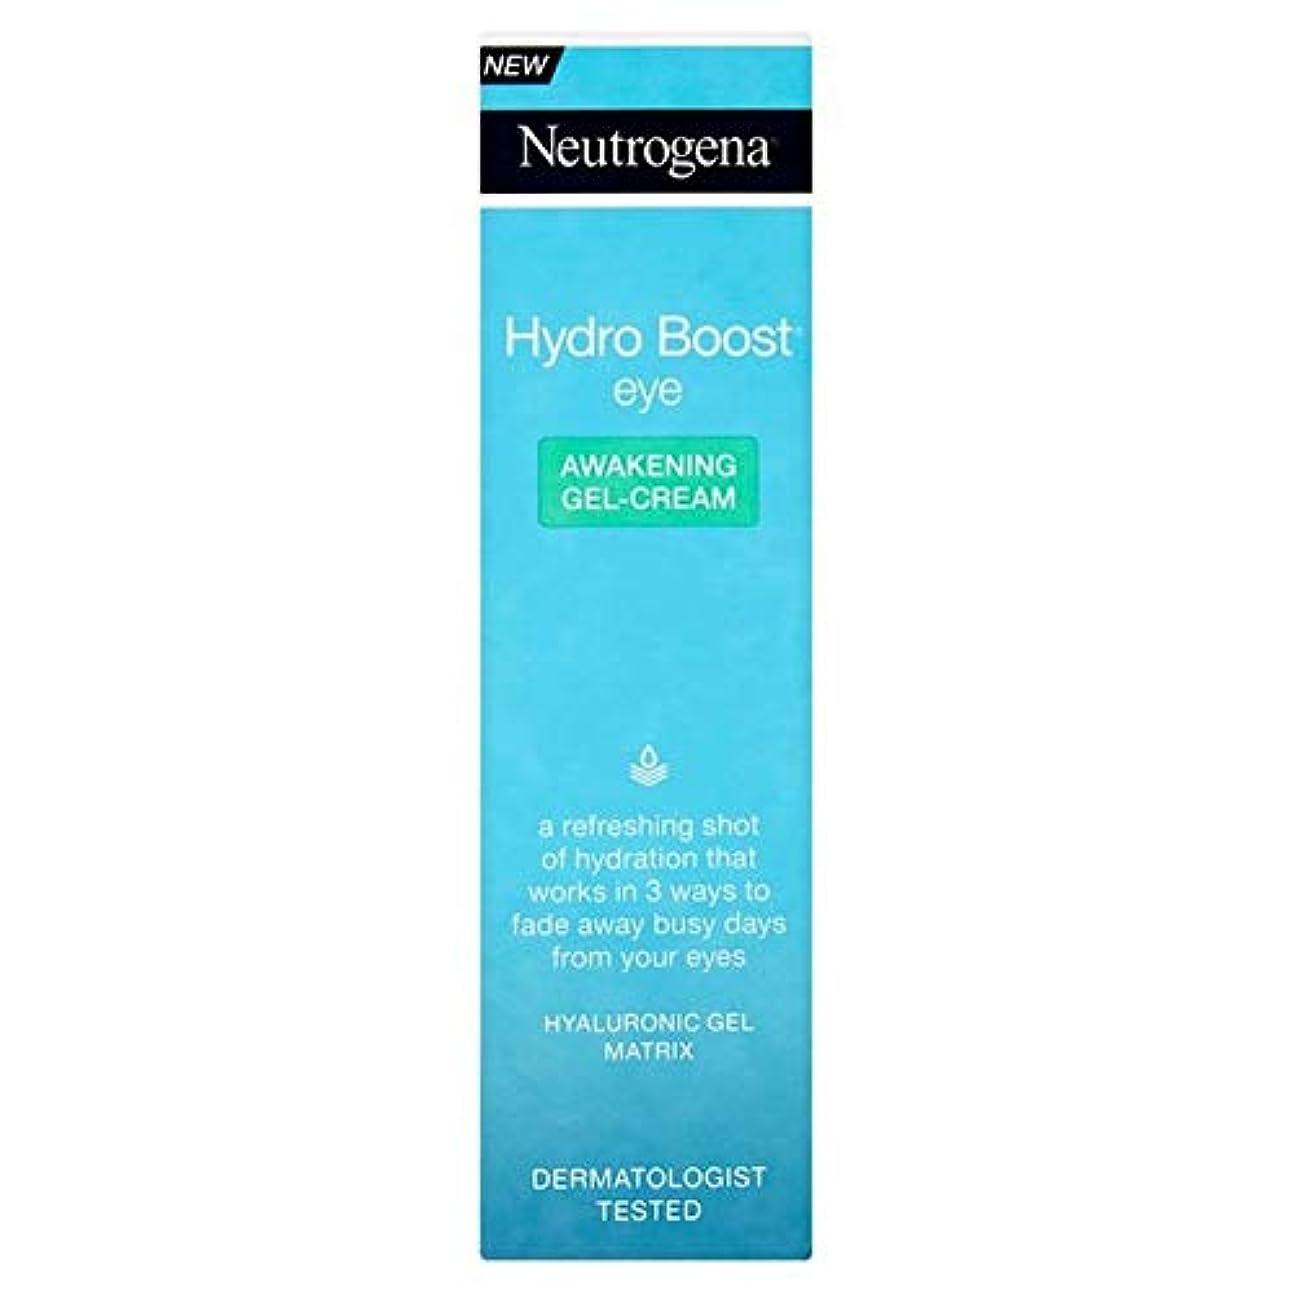 私達提供ウォルターカニンガム[Neutrogena ] ニュートロジーナハイドロブーストアイ覚醒ゲルクリーム15Ml - Neutrogena Hydro Boost Eye Awakening Gel-Cream 15ml [並行輸入品]